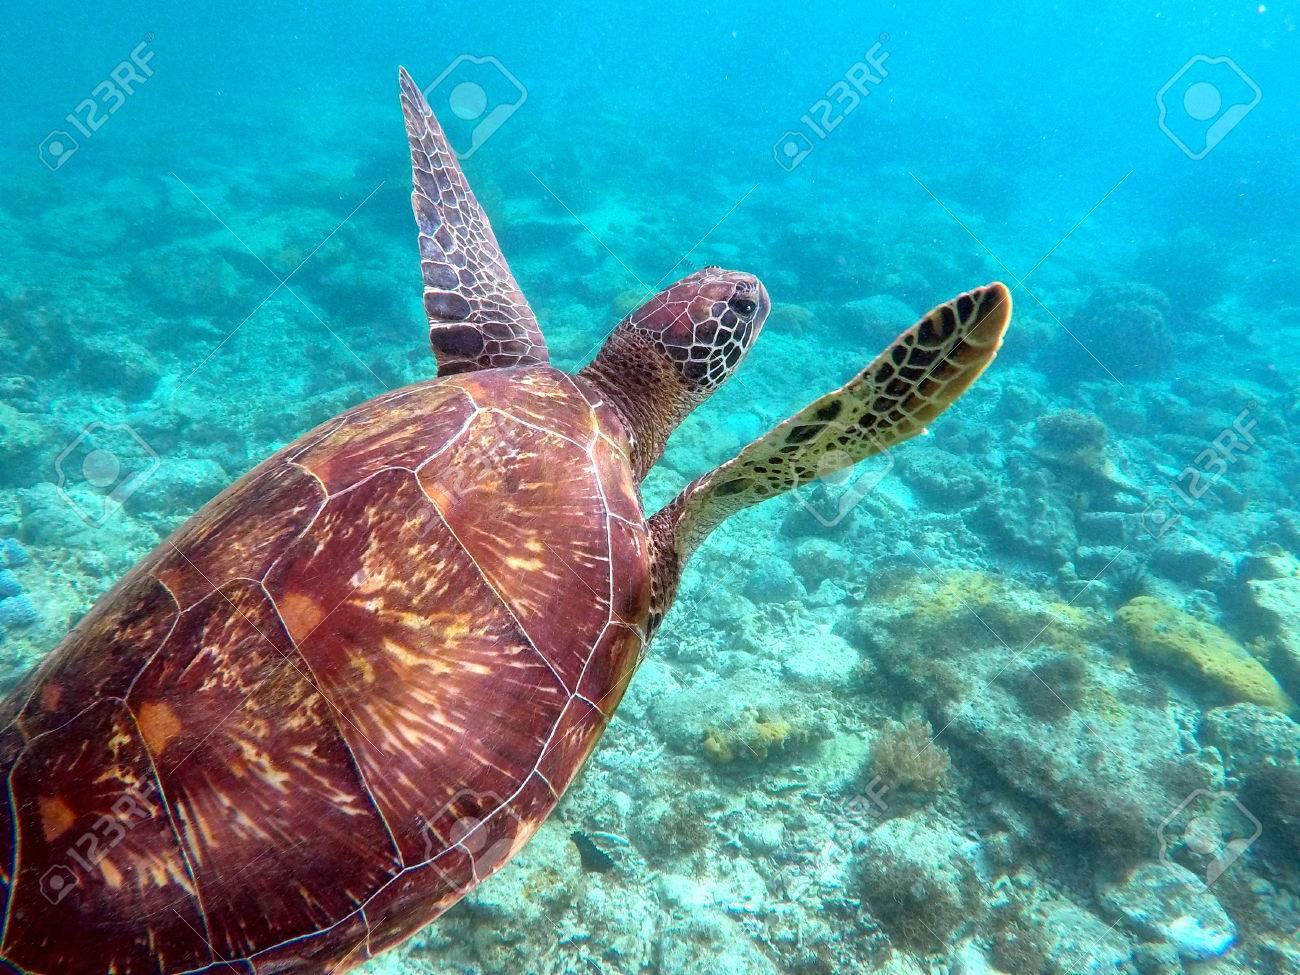 Atemberaubend Die Anatomie Der Meeresschildkröten Fotos - Anatomie ...